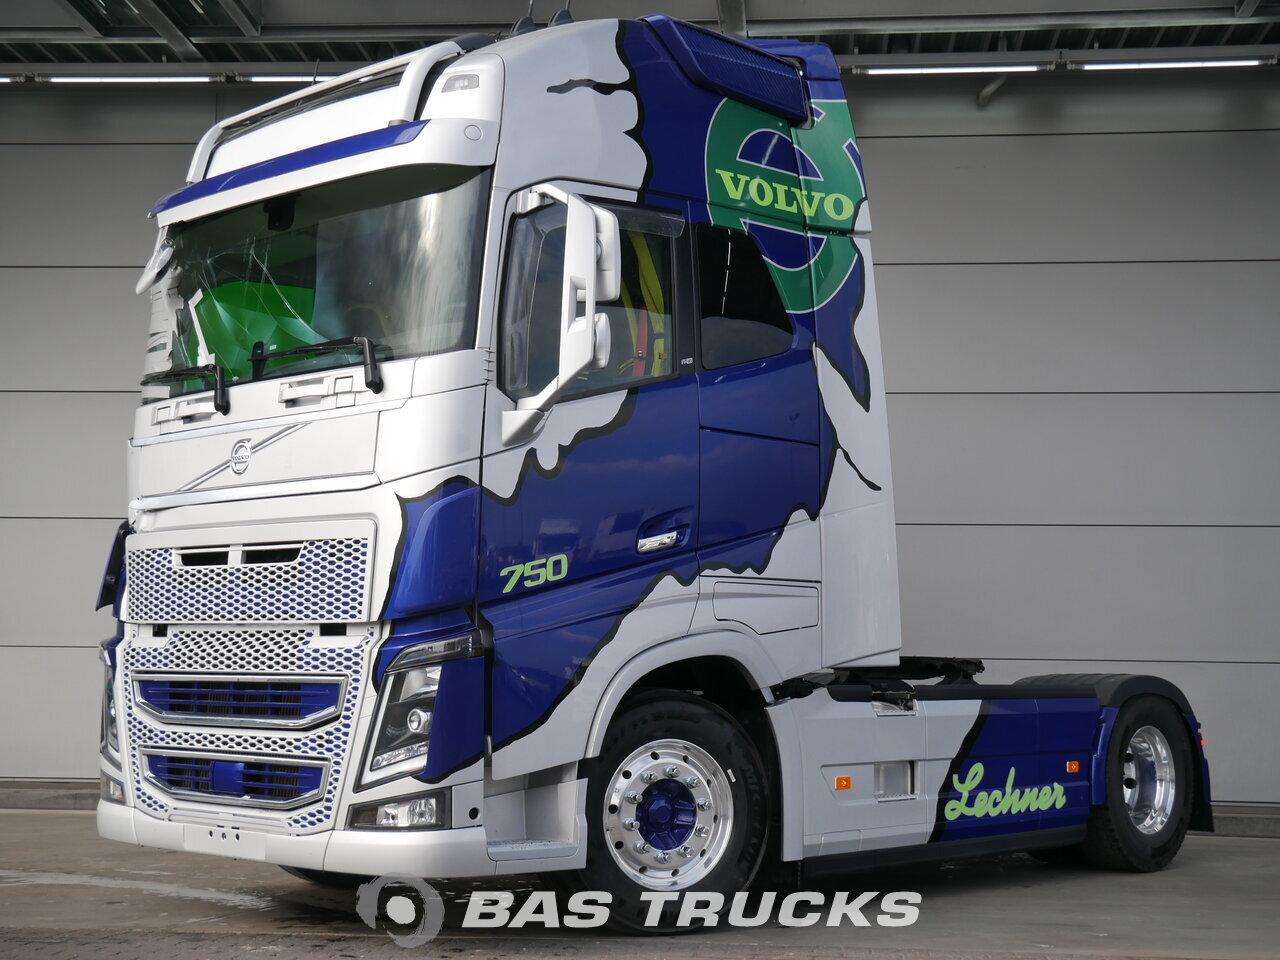 volvo fh16 750 xl unfall fahrbereit trattore euro 6 €87600 - bas